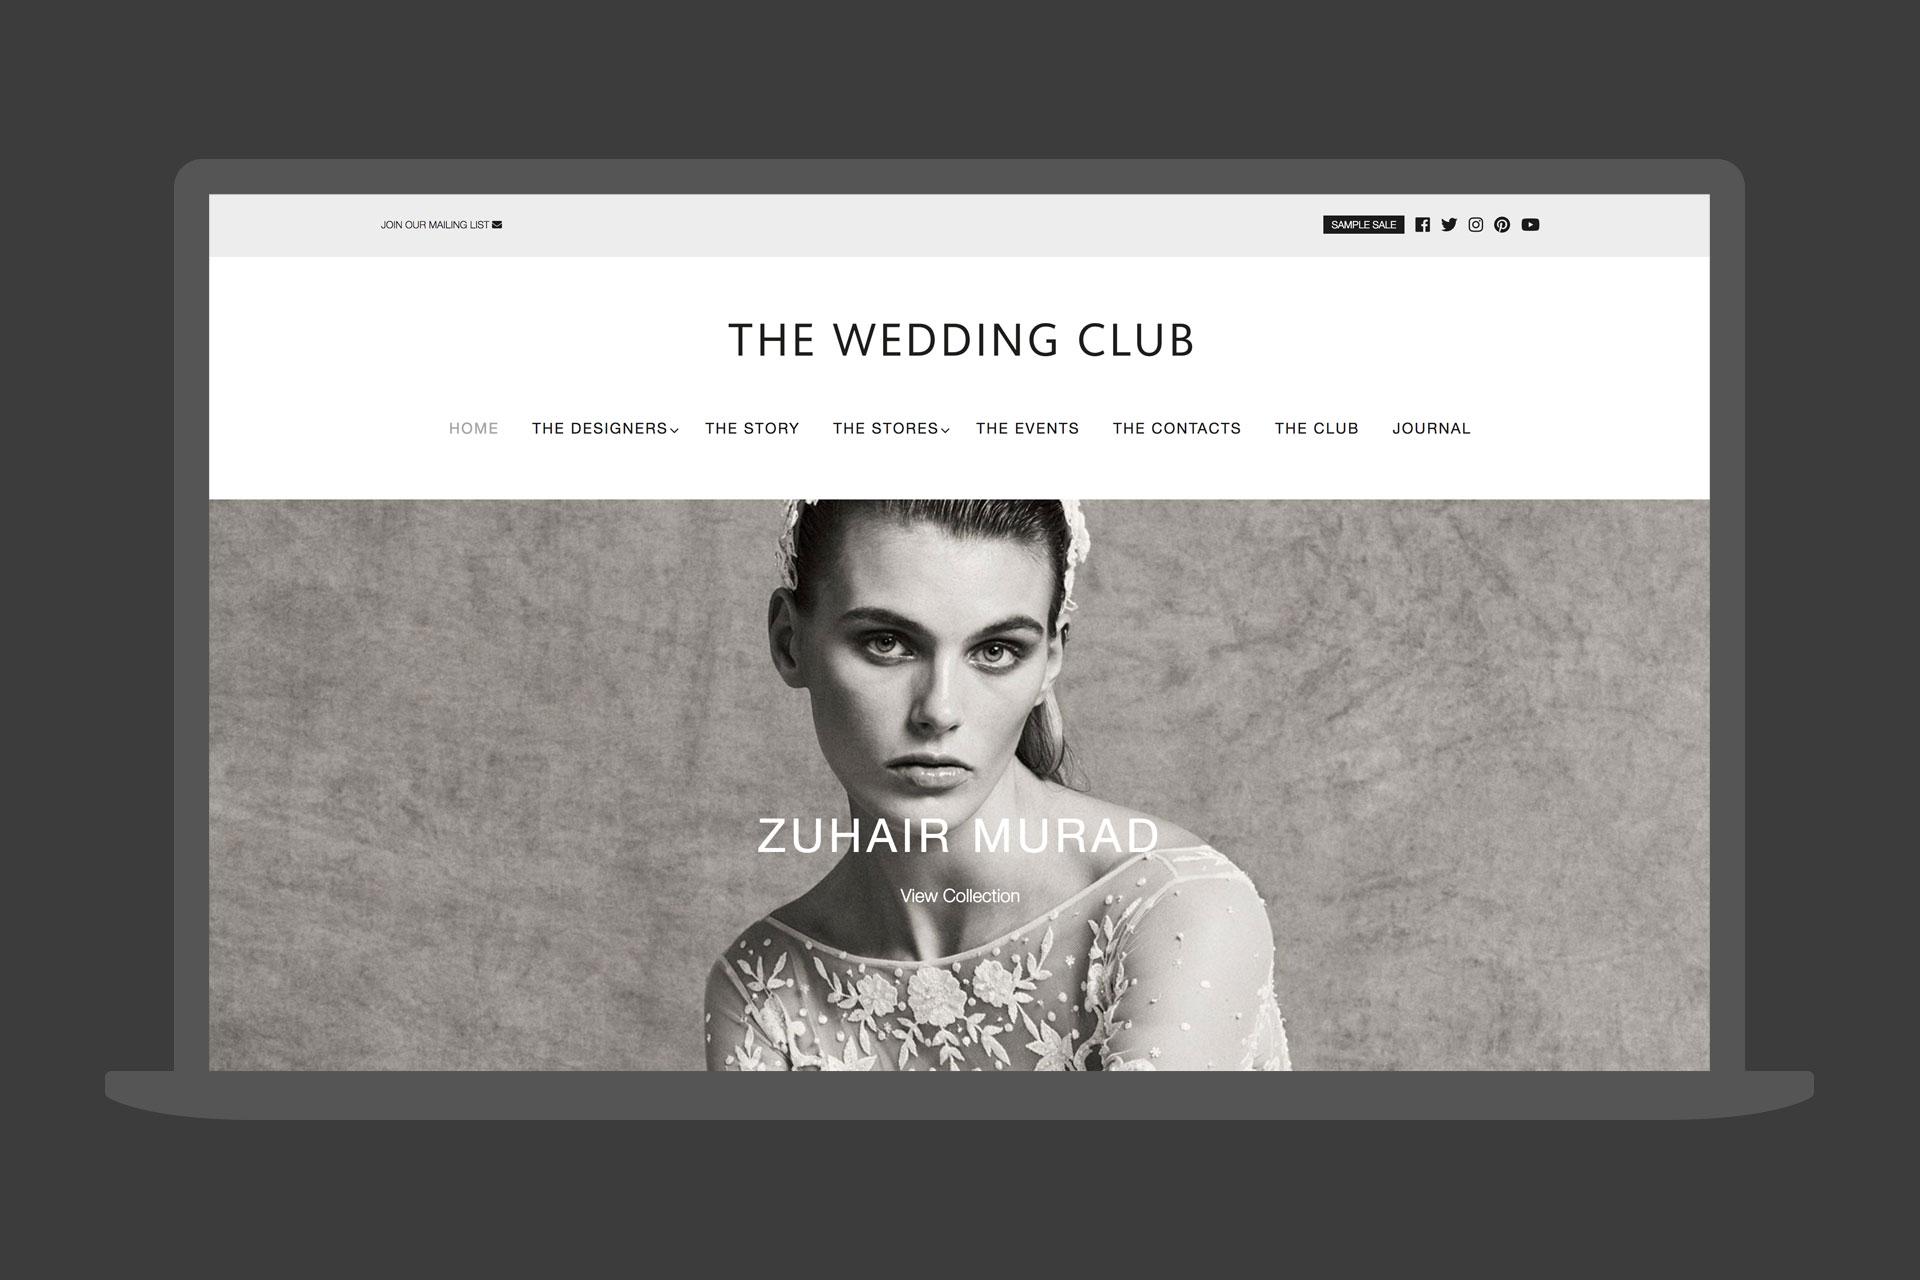 The Wedding Club Website